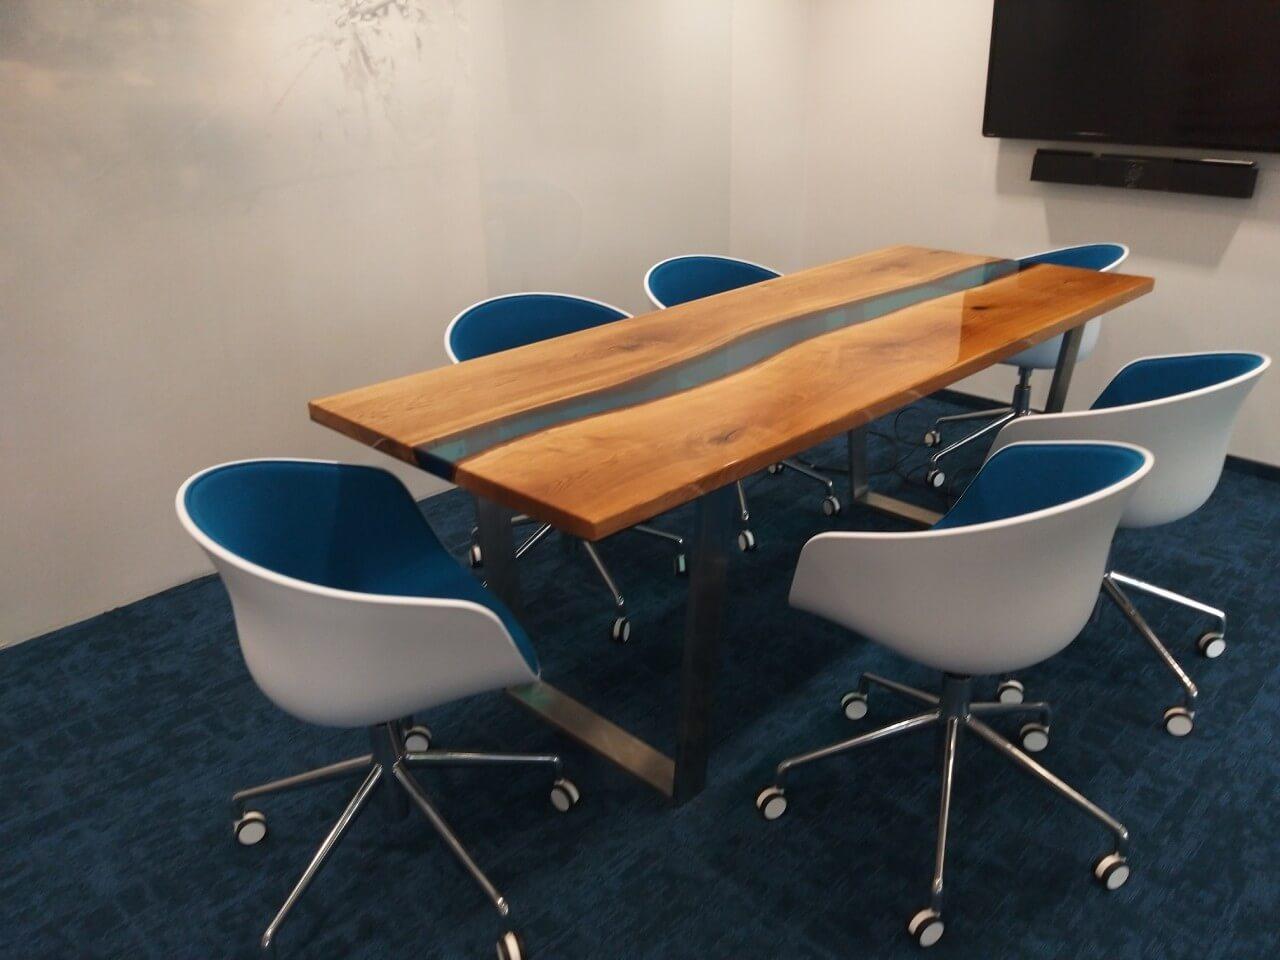 stół drewniany zżywicą epoksydową wsali konferencyjnej malita just wood